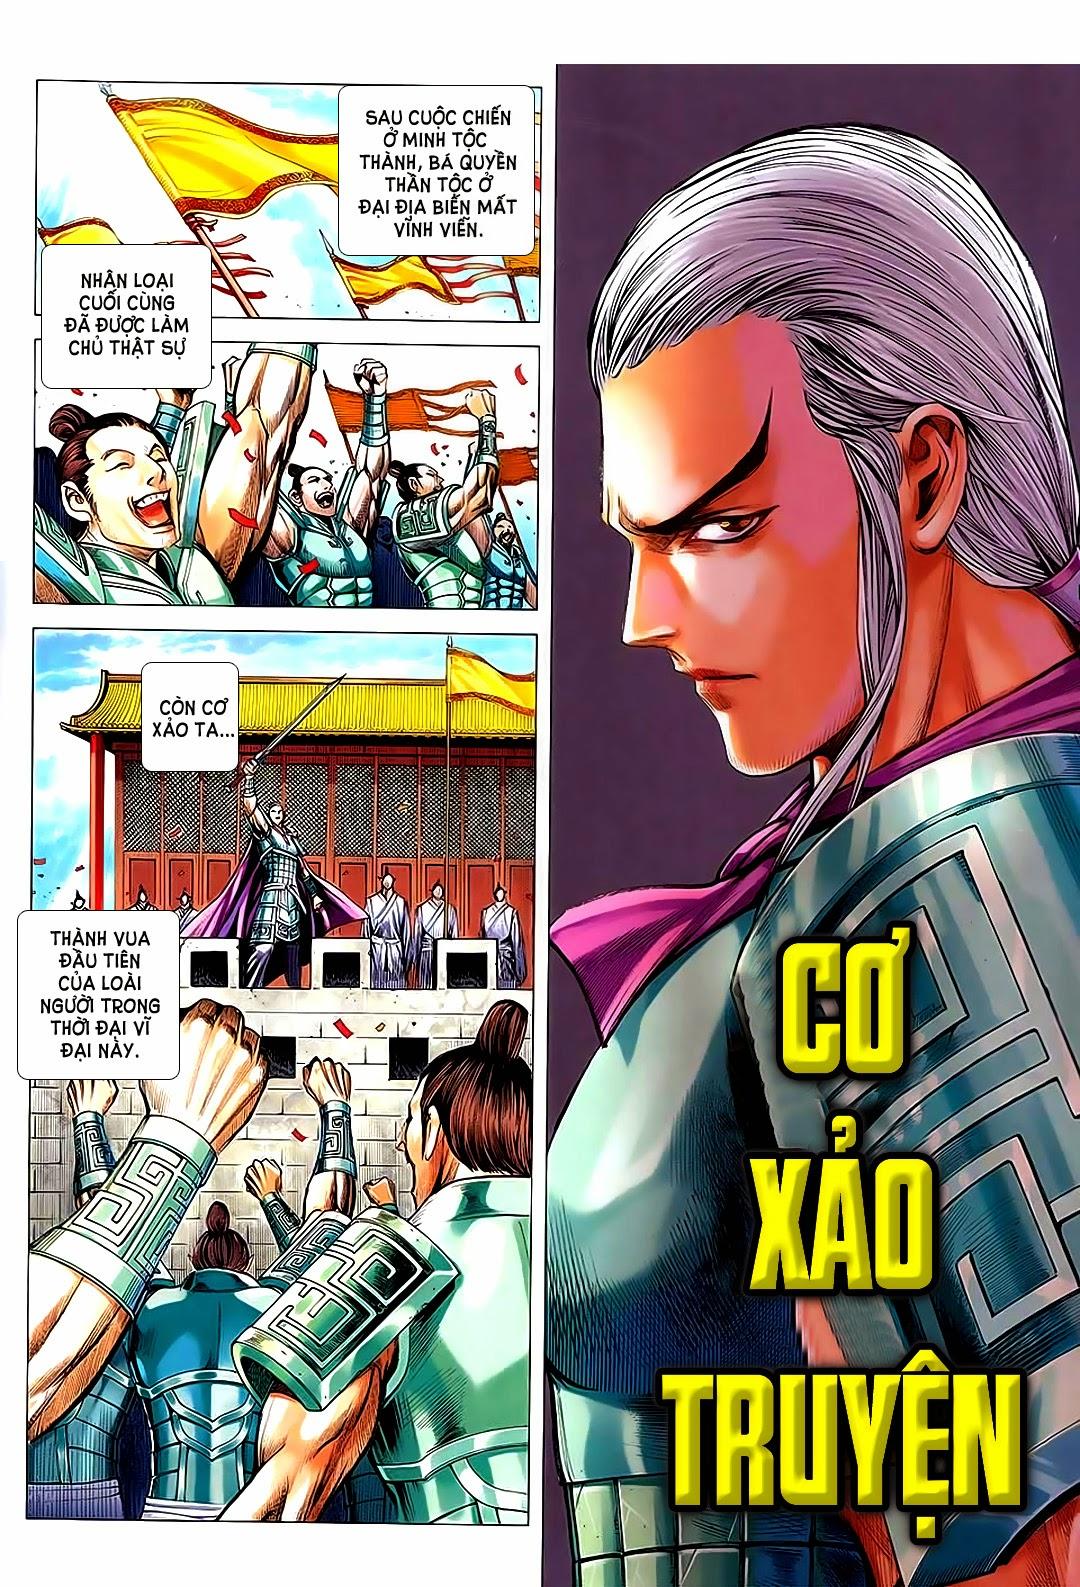 Phong Thần Ký Chap 182 - Trang 2